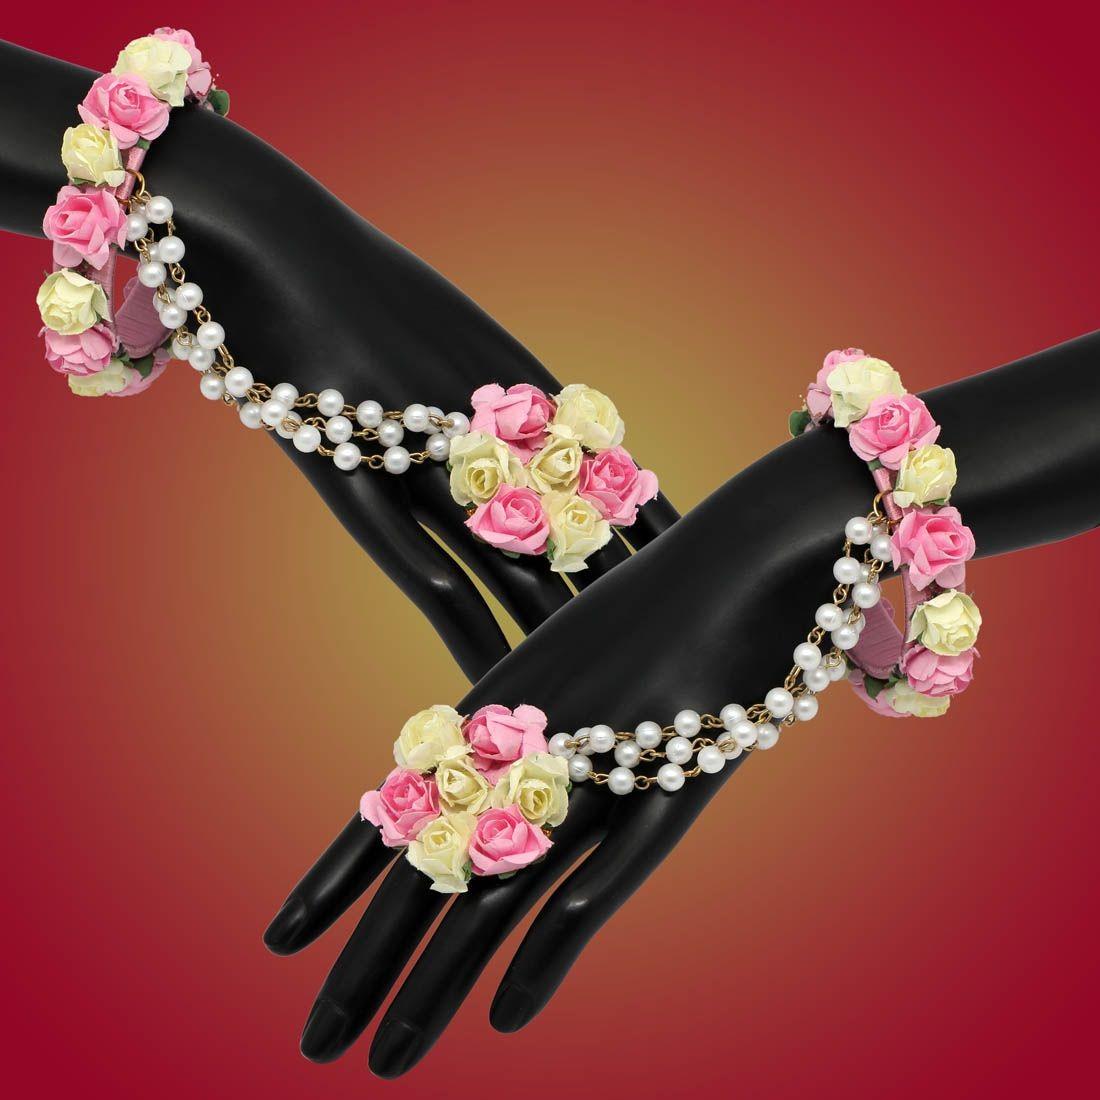 Pulseras Indias con anillo Rosas